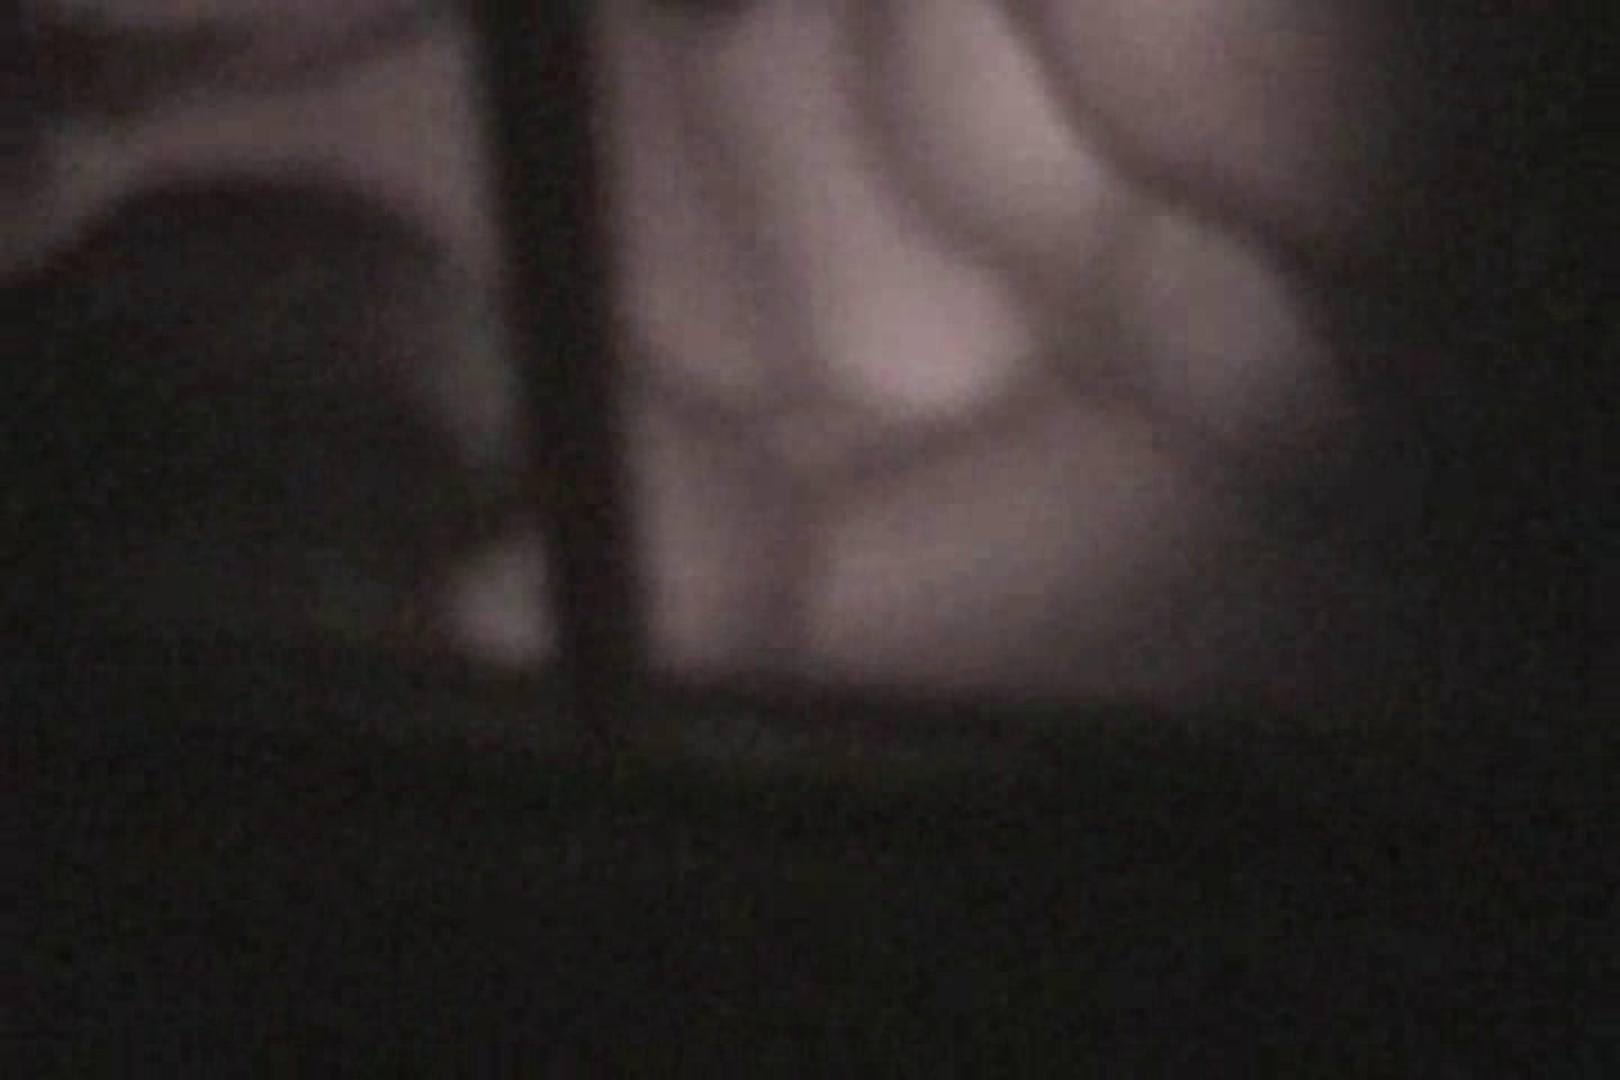 蔵出し!!赤外線カーセックスVol.23 セックス 濡れ場動画紹介 92pic 54